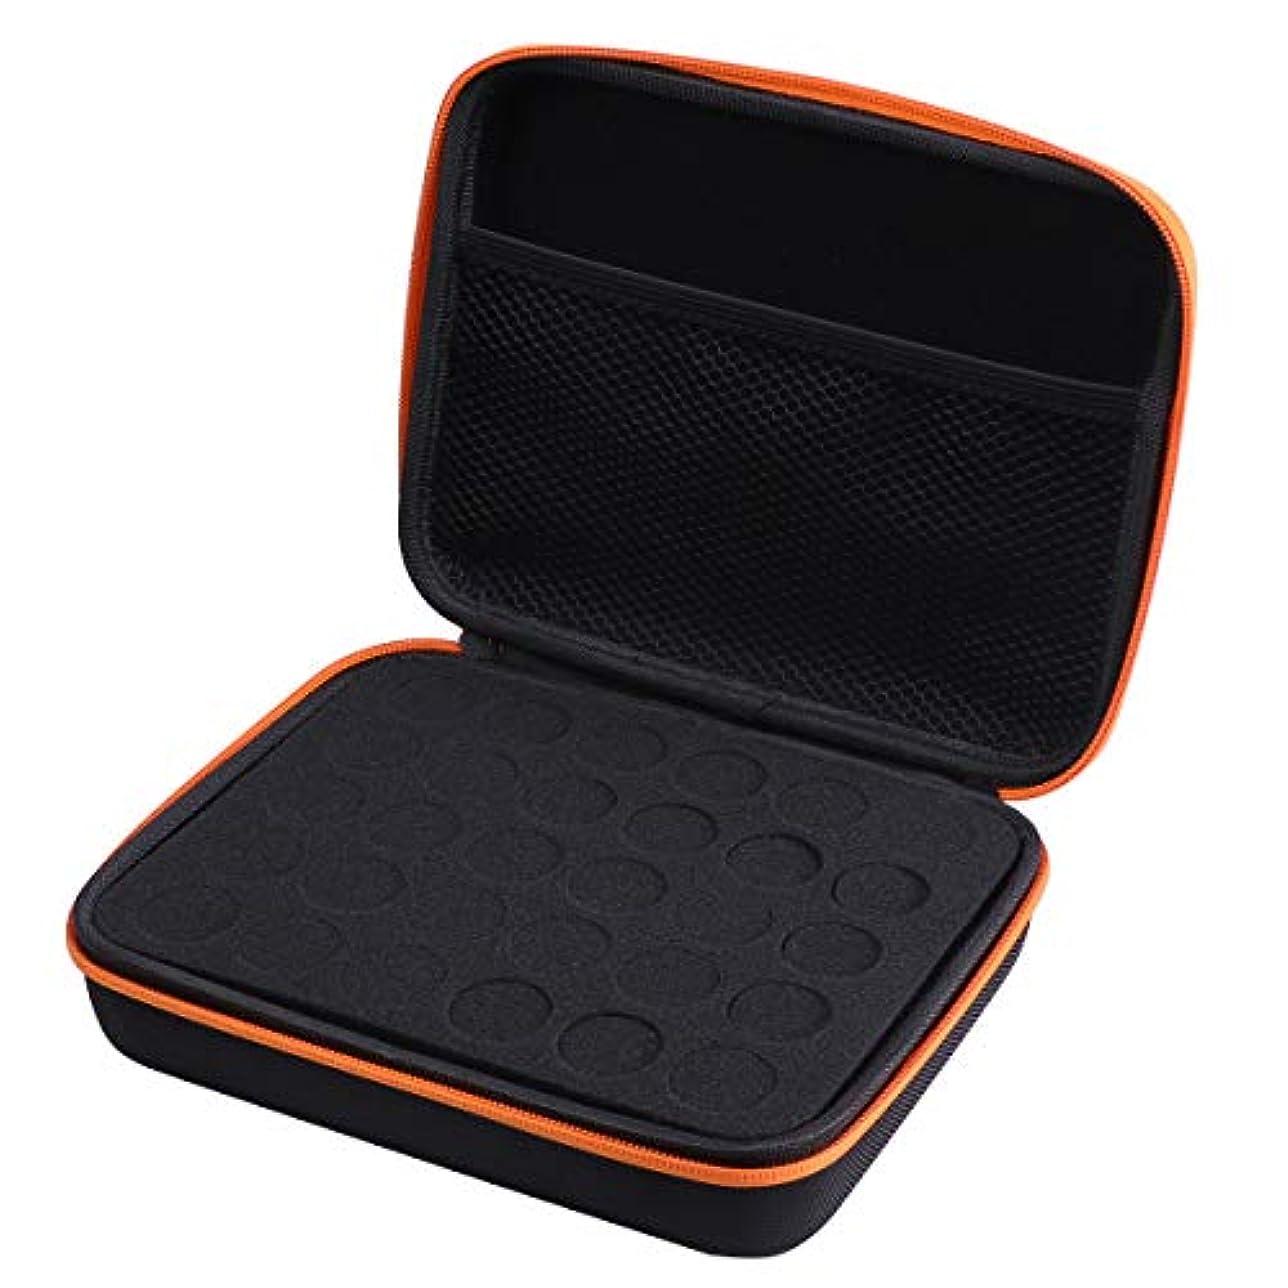 滑る統合療法Frcolor エッセンシャルオイル ケース 携帯用 アロマポーチ アロマケース メイクポーチ 精油ケース 30本用(オレンジ)